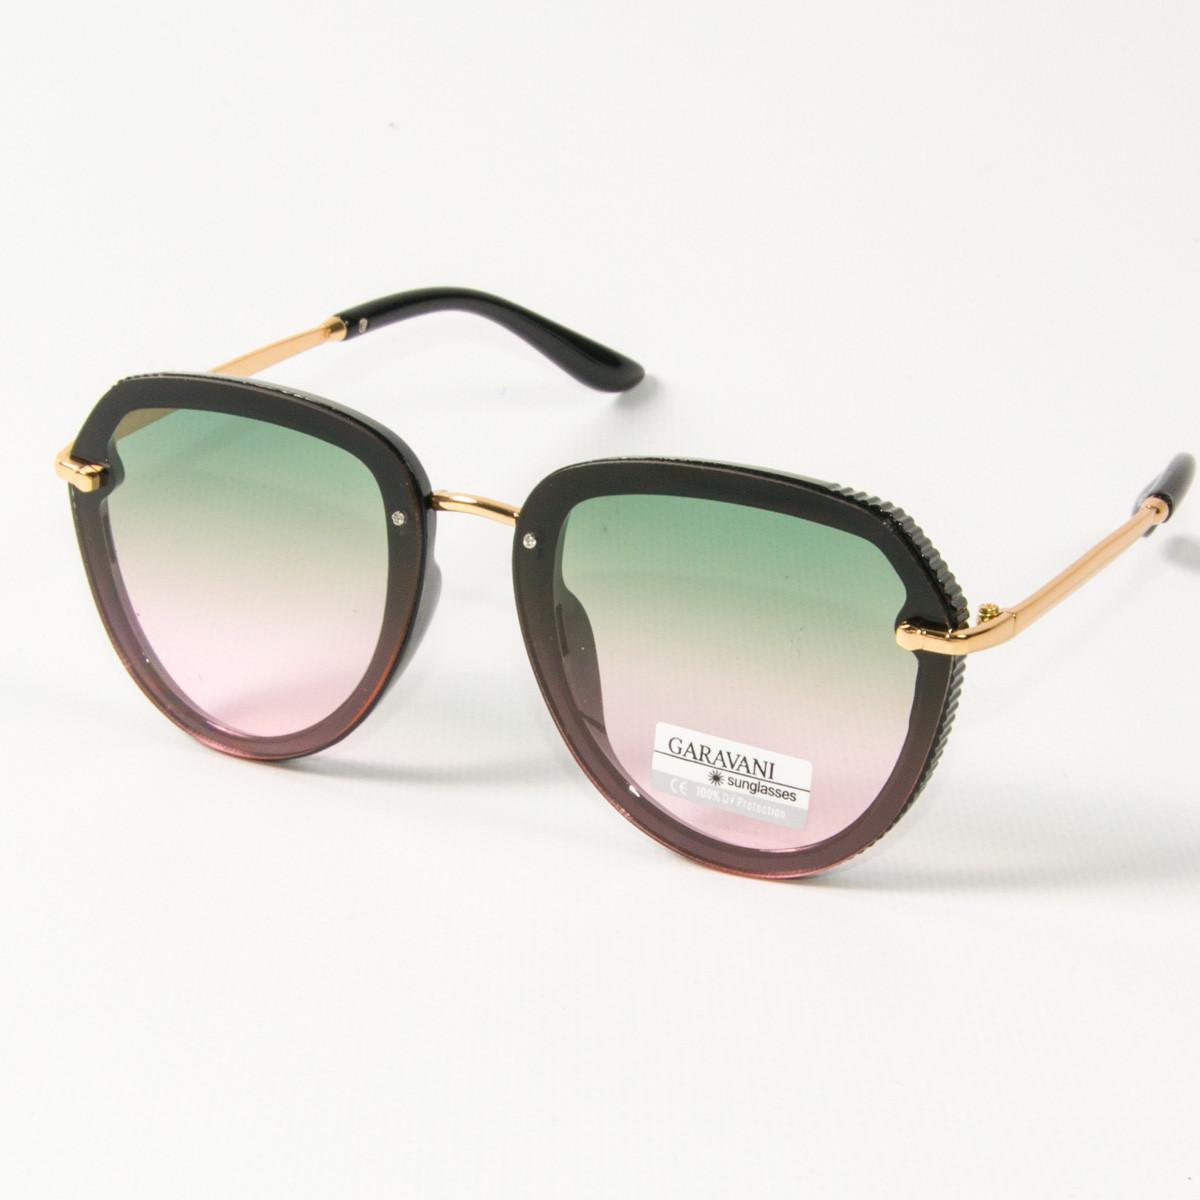 Женские солнцезащитные очки авиатор  (арт. 33707/5) зеленые